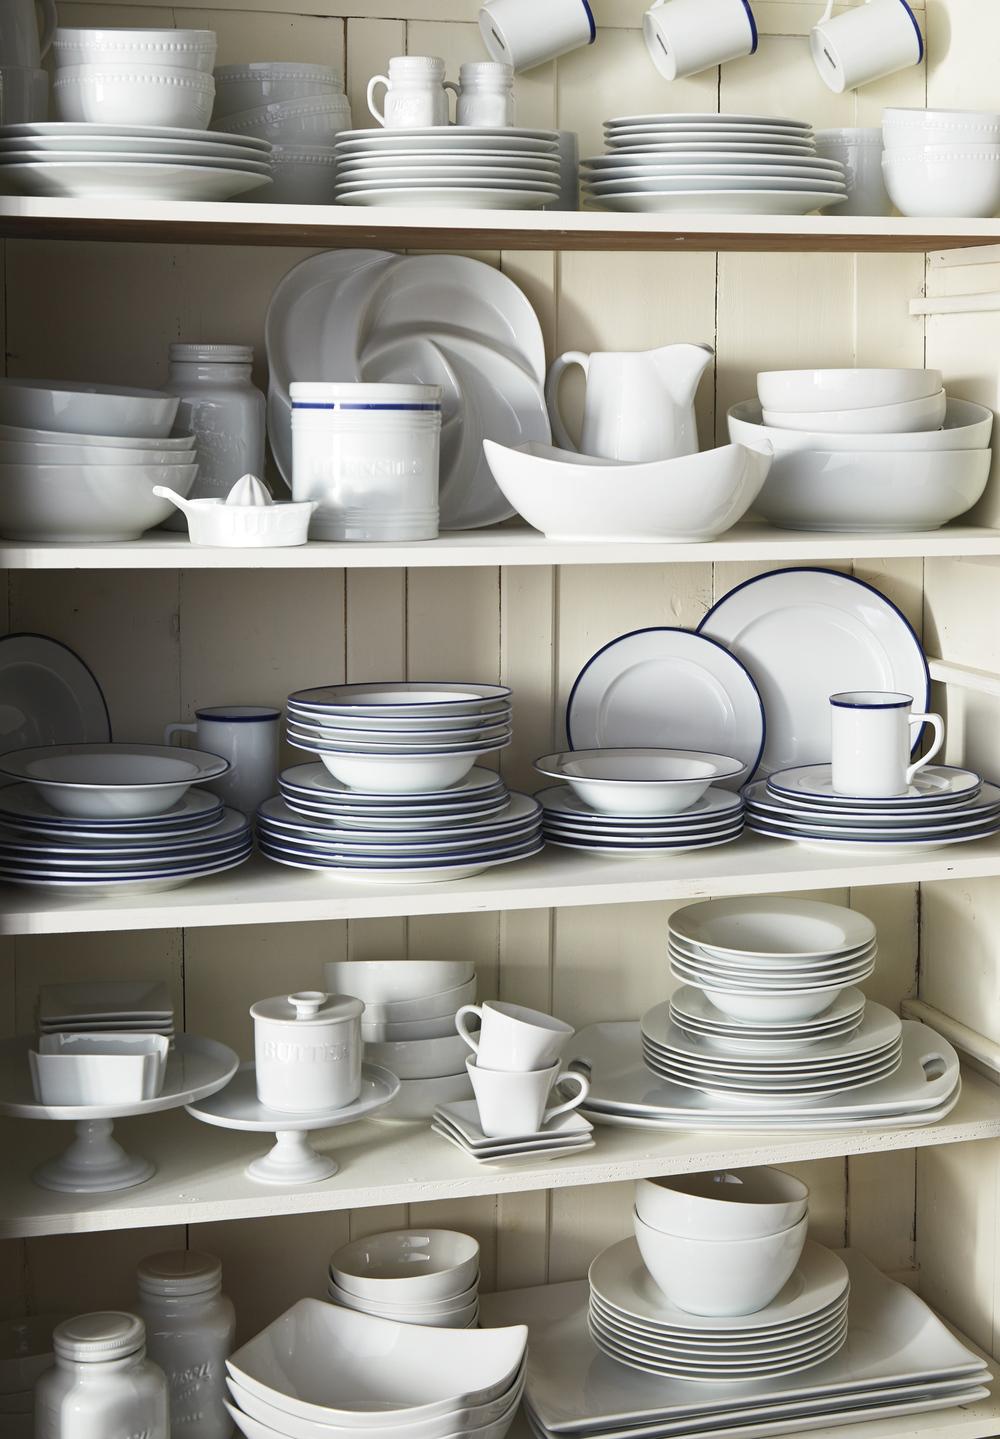 caulfield bbb dinnerware on shelves.jpg